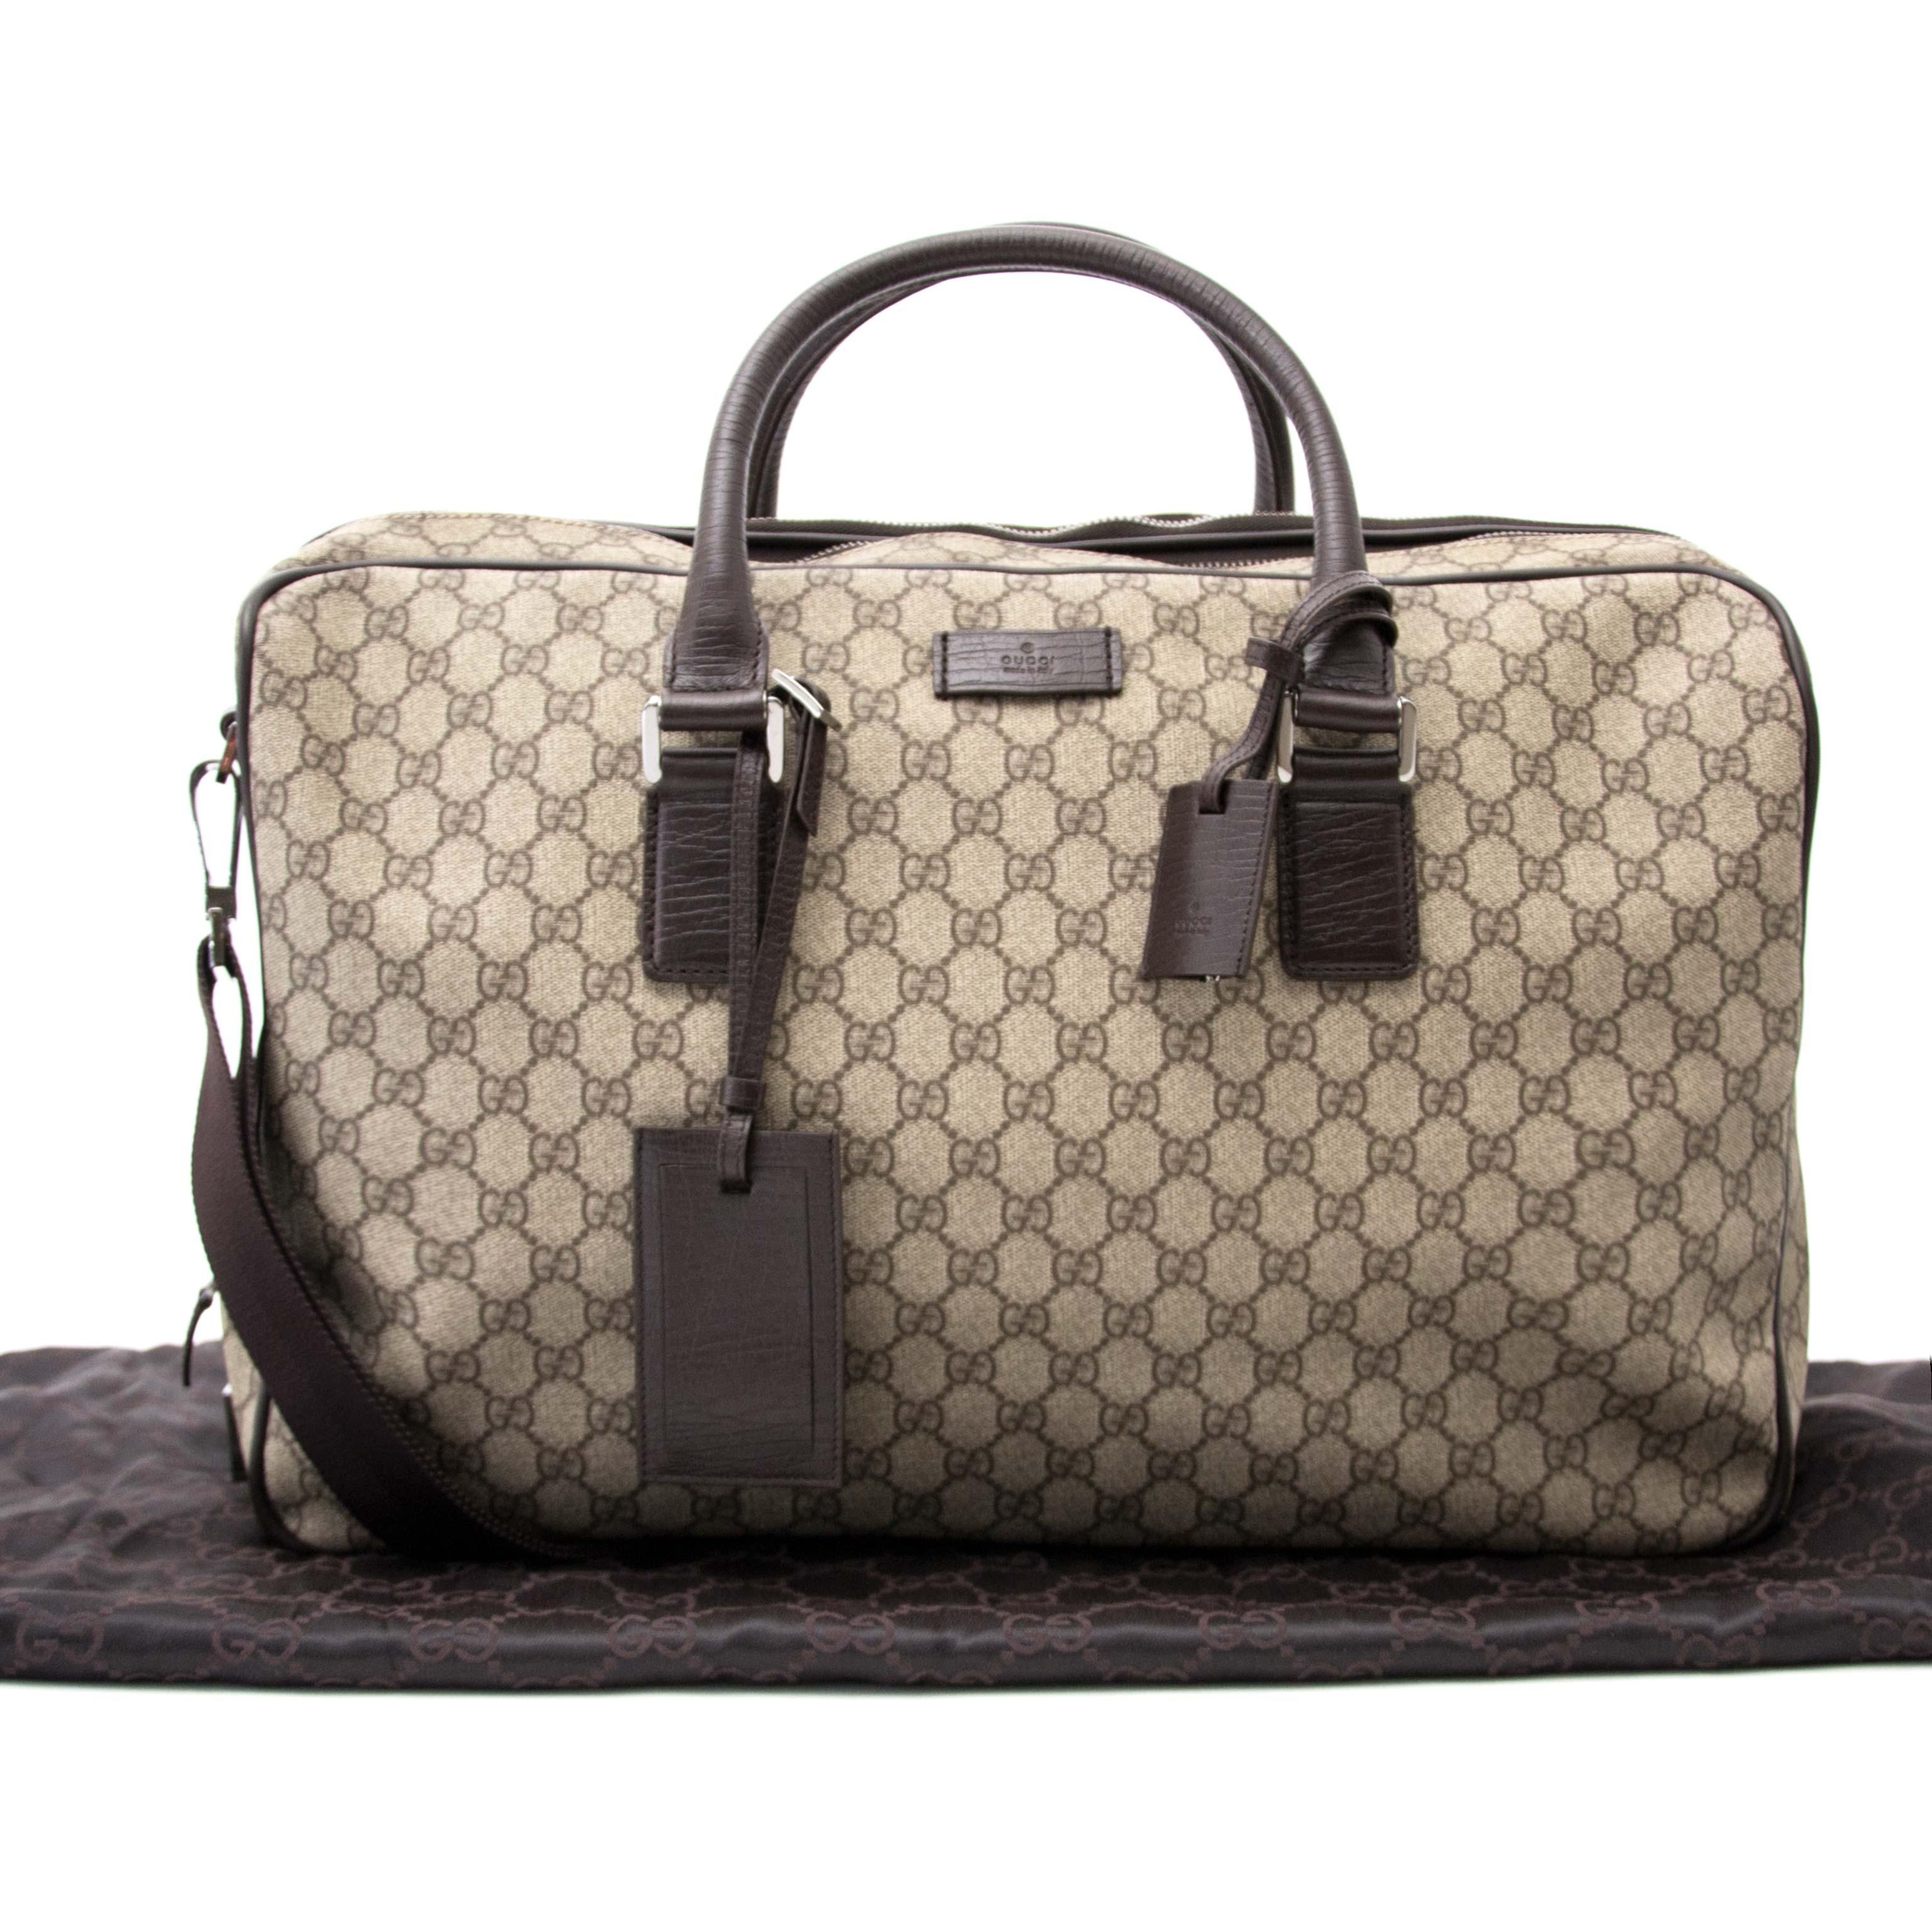 koop en verkoop uw desinger handtassen bij labellov.com tegen de beste prijs